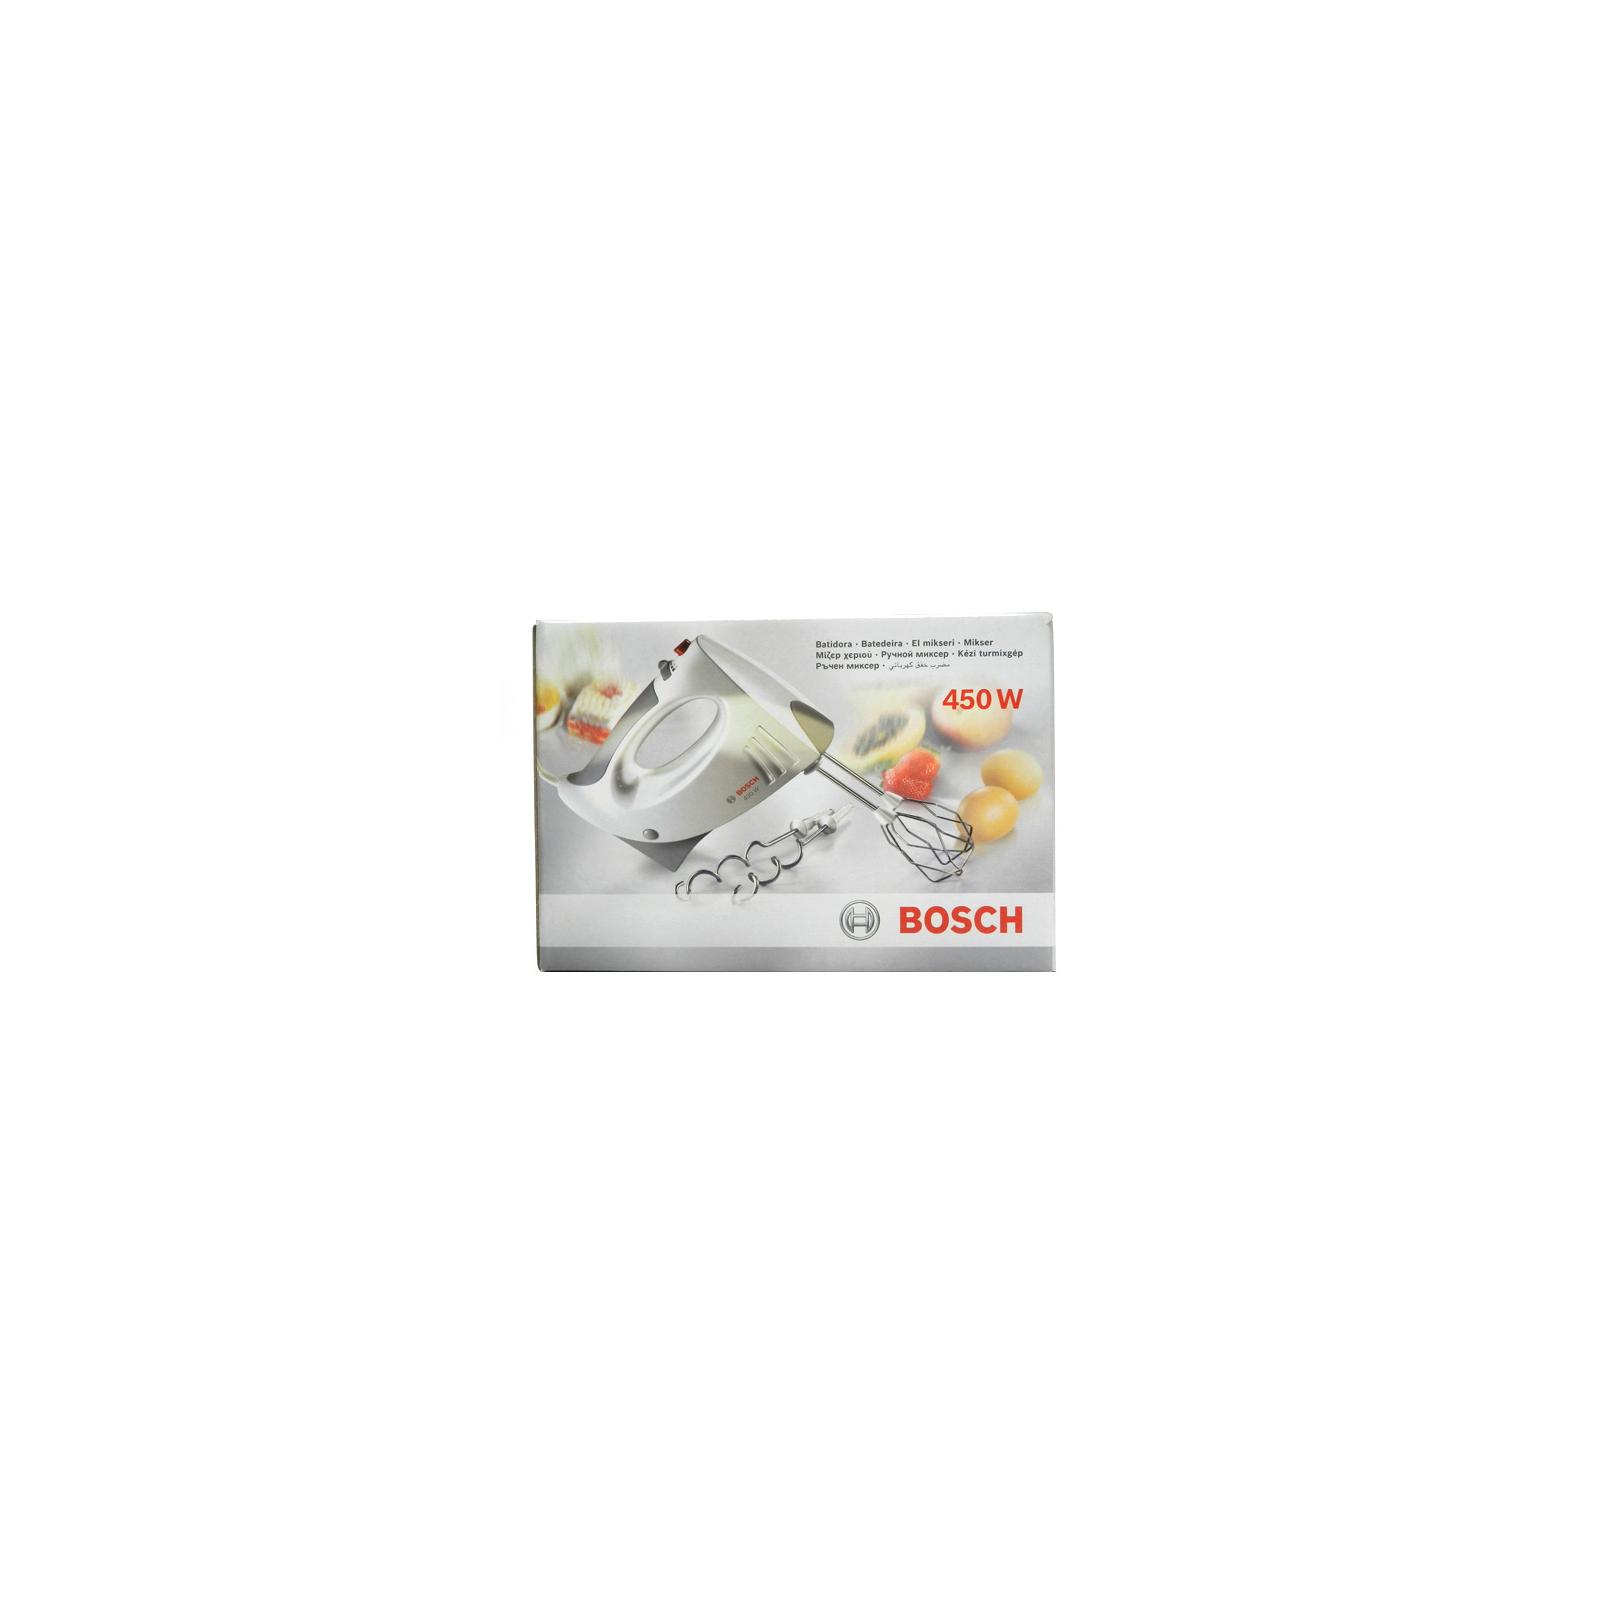 Миксер BOSCH MFQ 3530 (MFQ3530) изображение 7